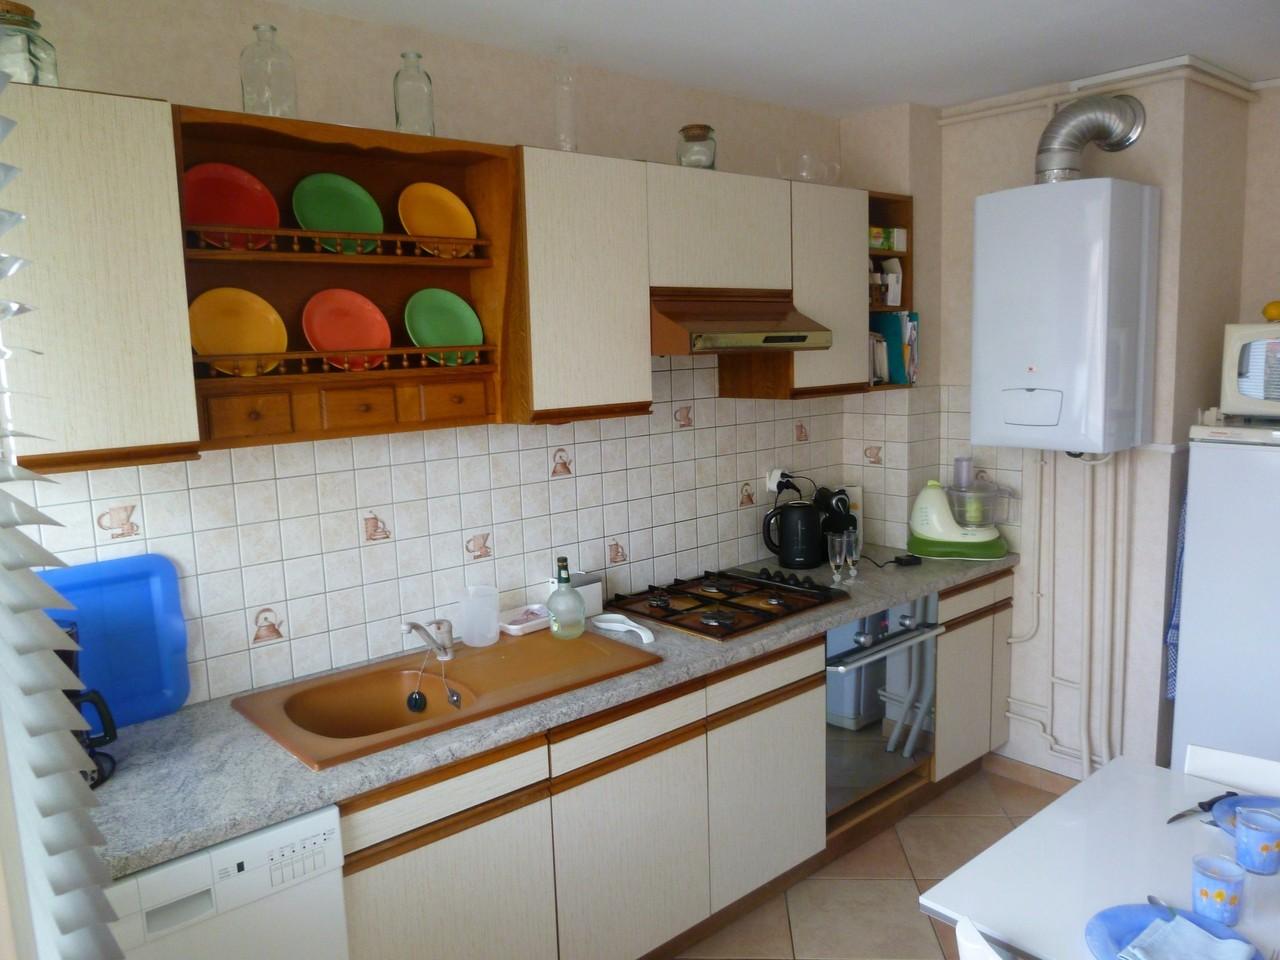 cuisine avant chaudière visible